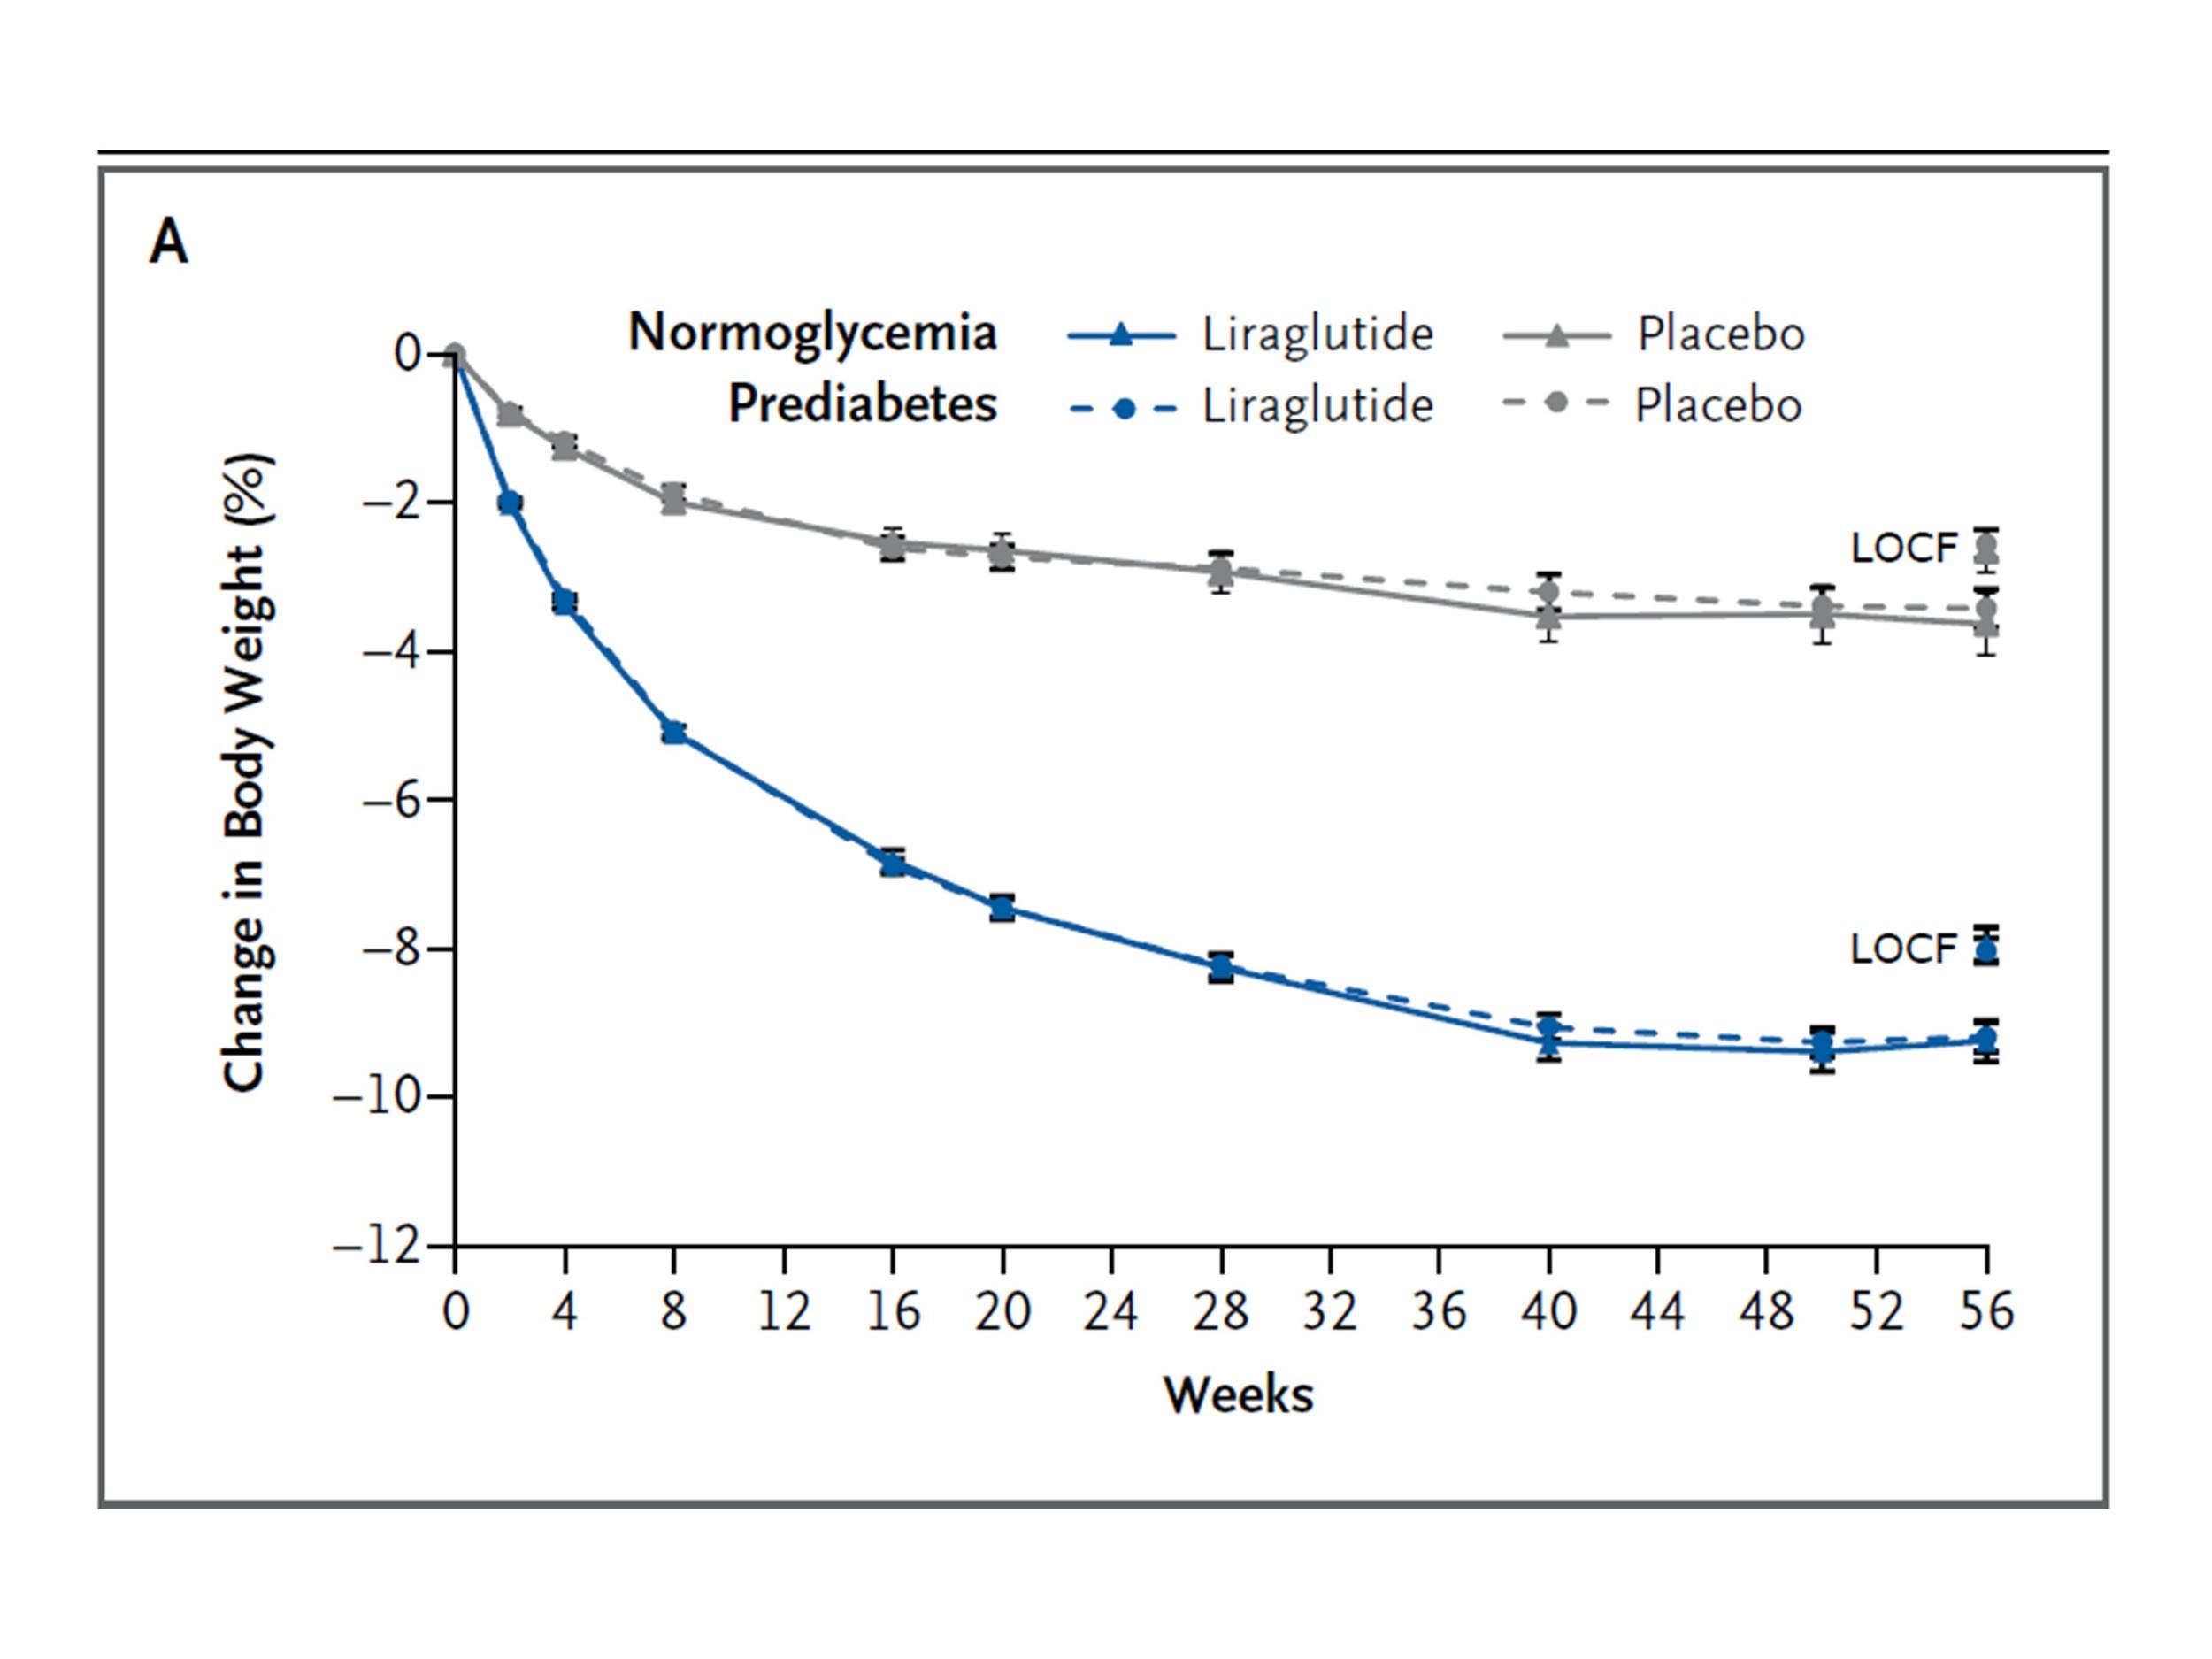 Liraglutideによる減量効果を示すグラフ